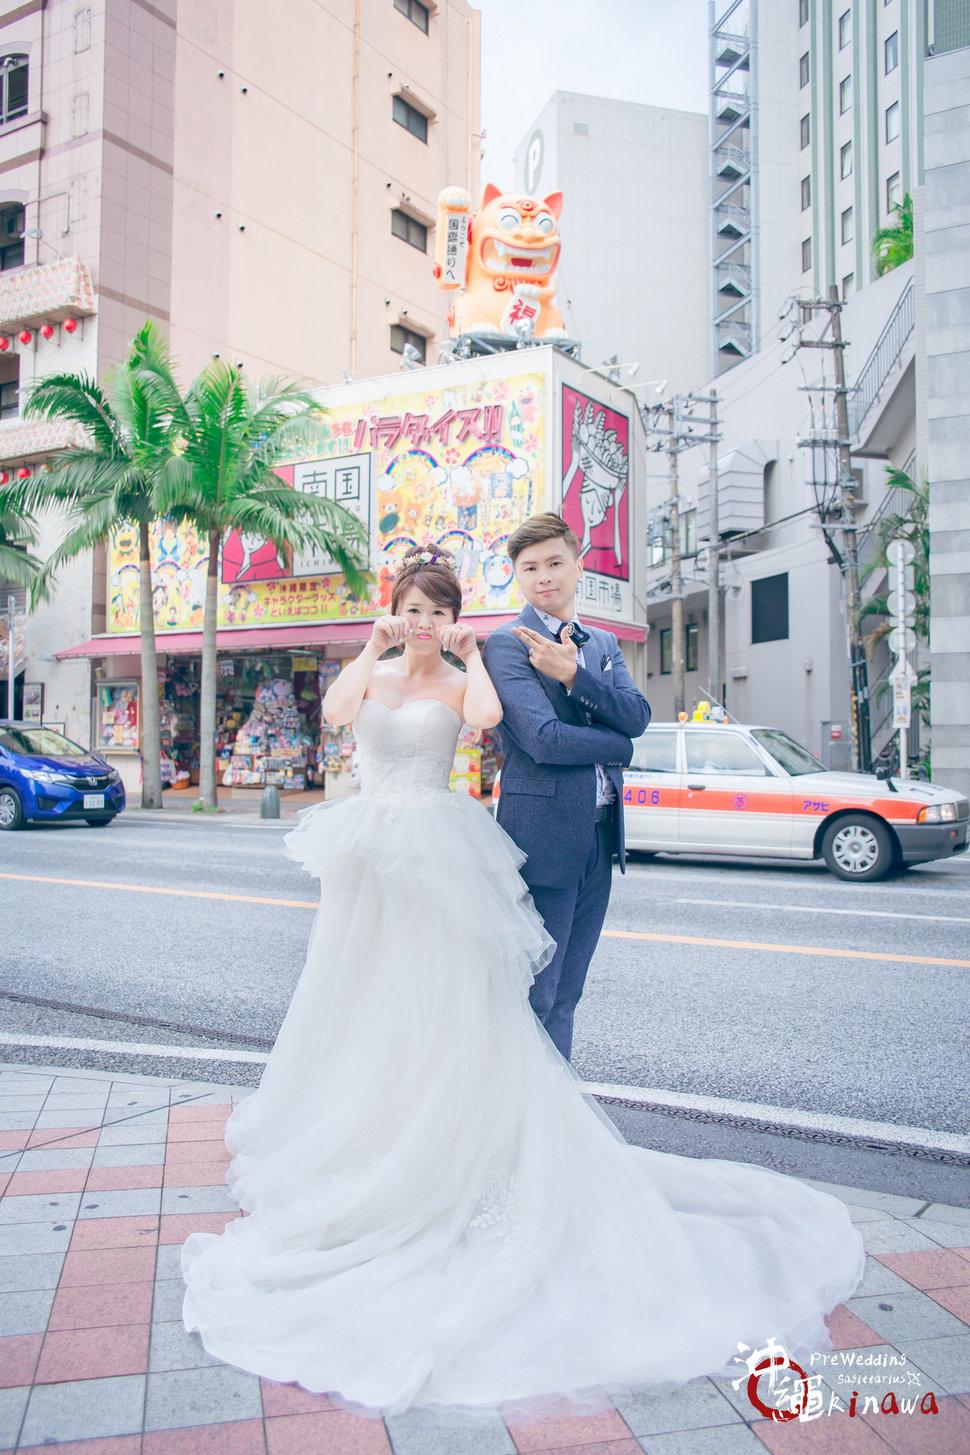 嘉麟 & 胤芳 Overseas Pre Wedding For Okinawa 沖繩海外婚紗(編號:551944) - 射手的天空 / 海外婚紗 婚禮